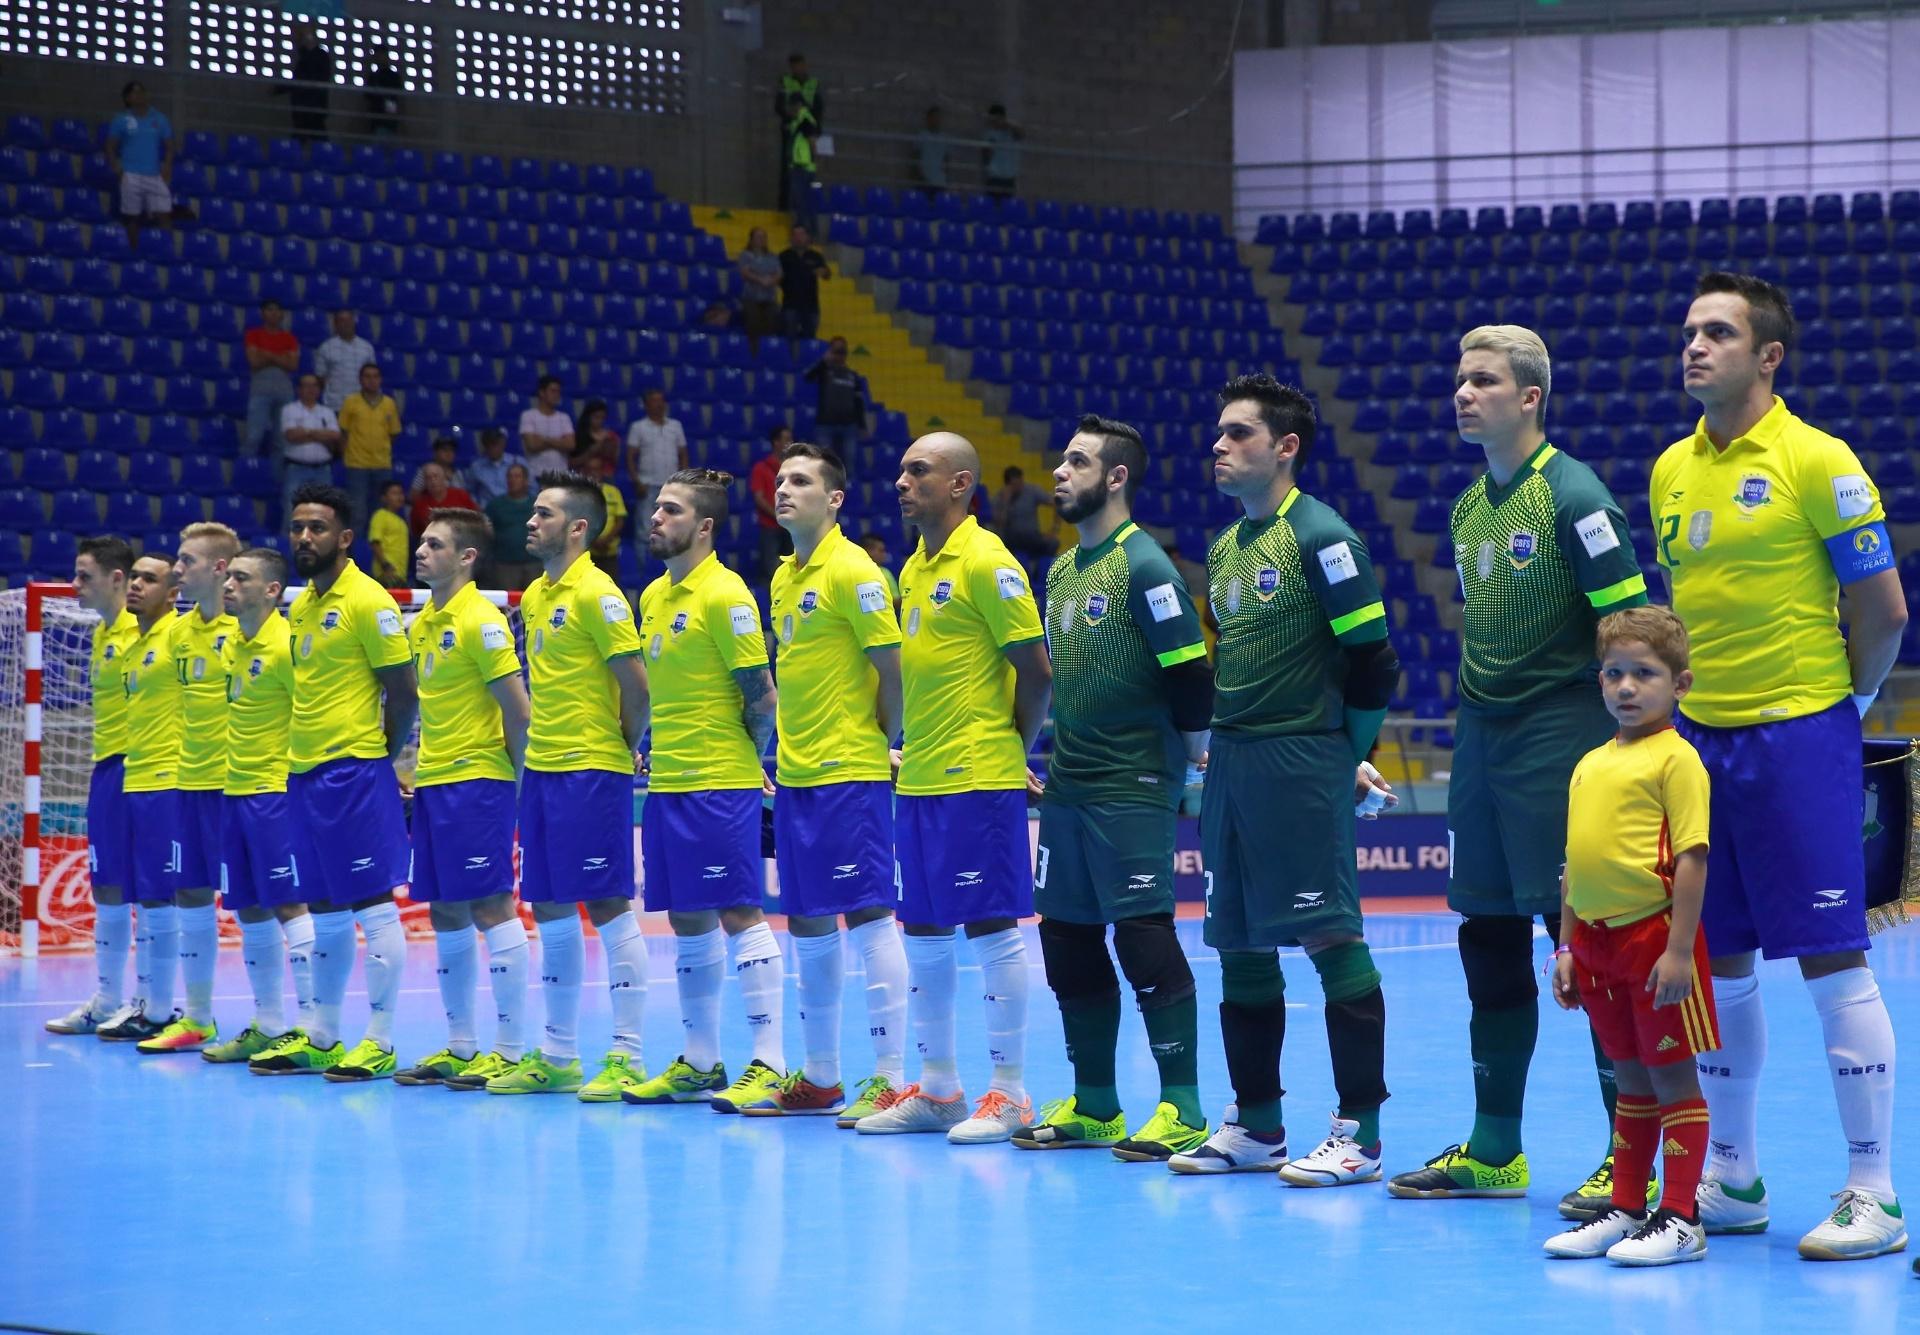 30216ff2e2 FIFA anuncia Lituânia como sede da Copa do Mundo de Futsal em 2020 -  26 10 2018 - UOL Esporte